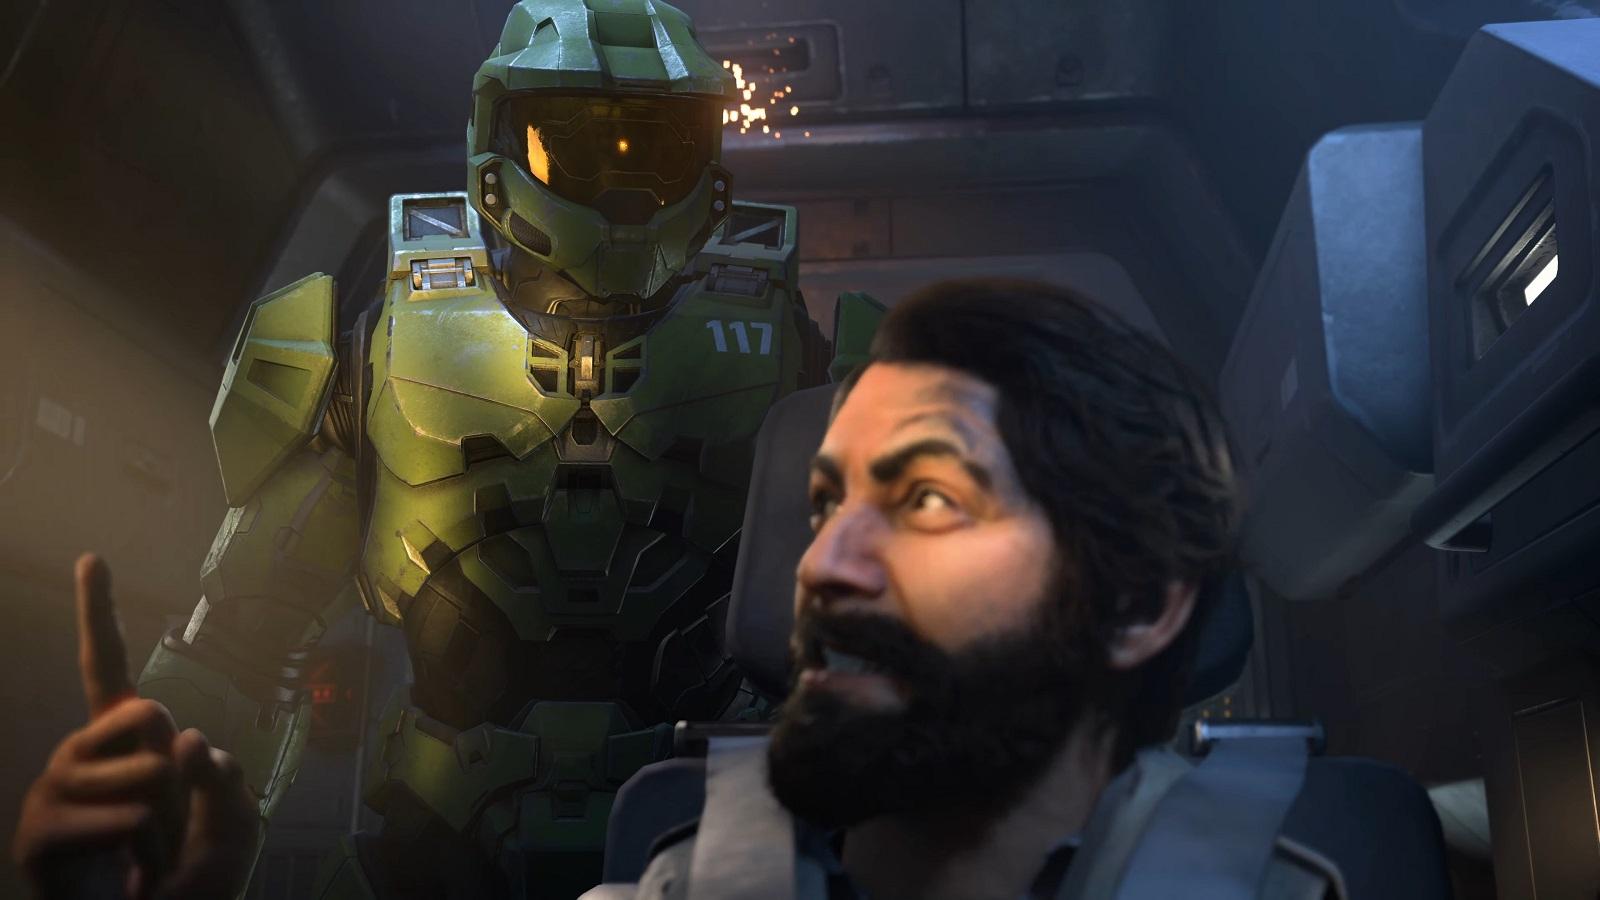 Переработки, излишняя амбициозность и вырезанный контент: бывший сотрудник 343 Industries рассказал, какой получается Halo Infinite